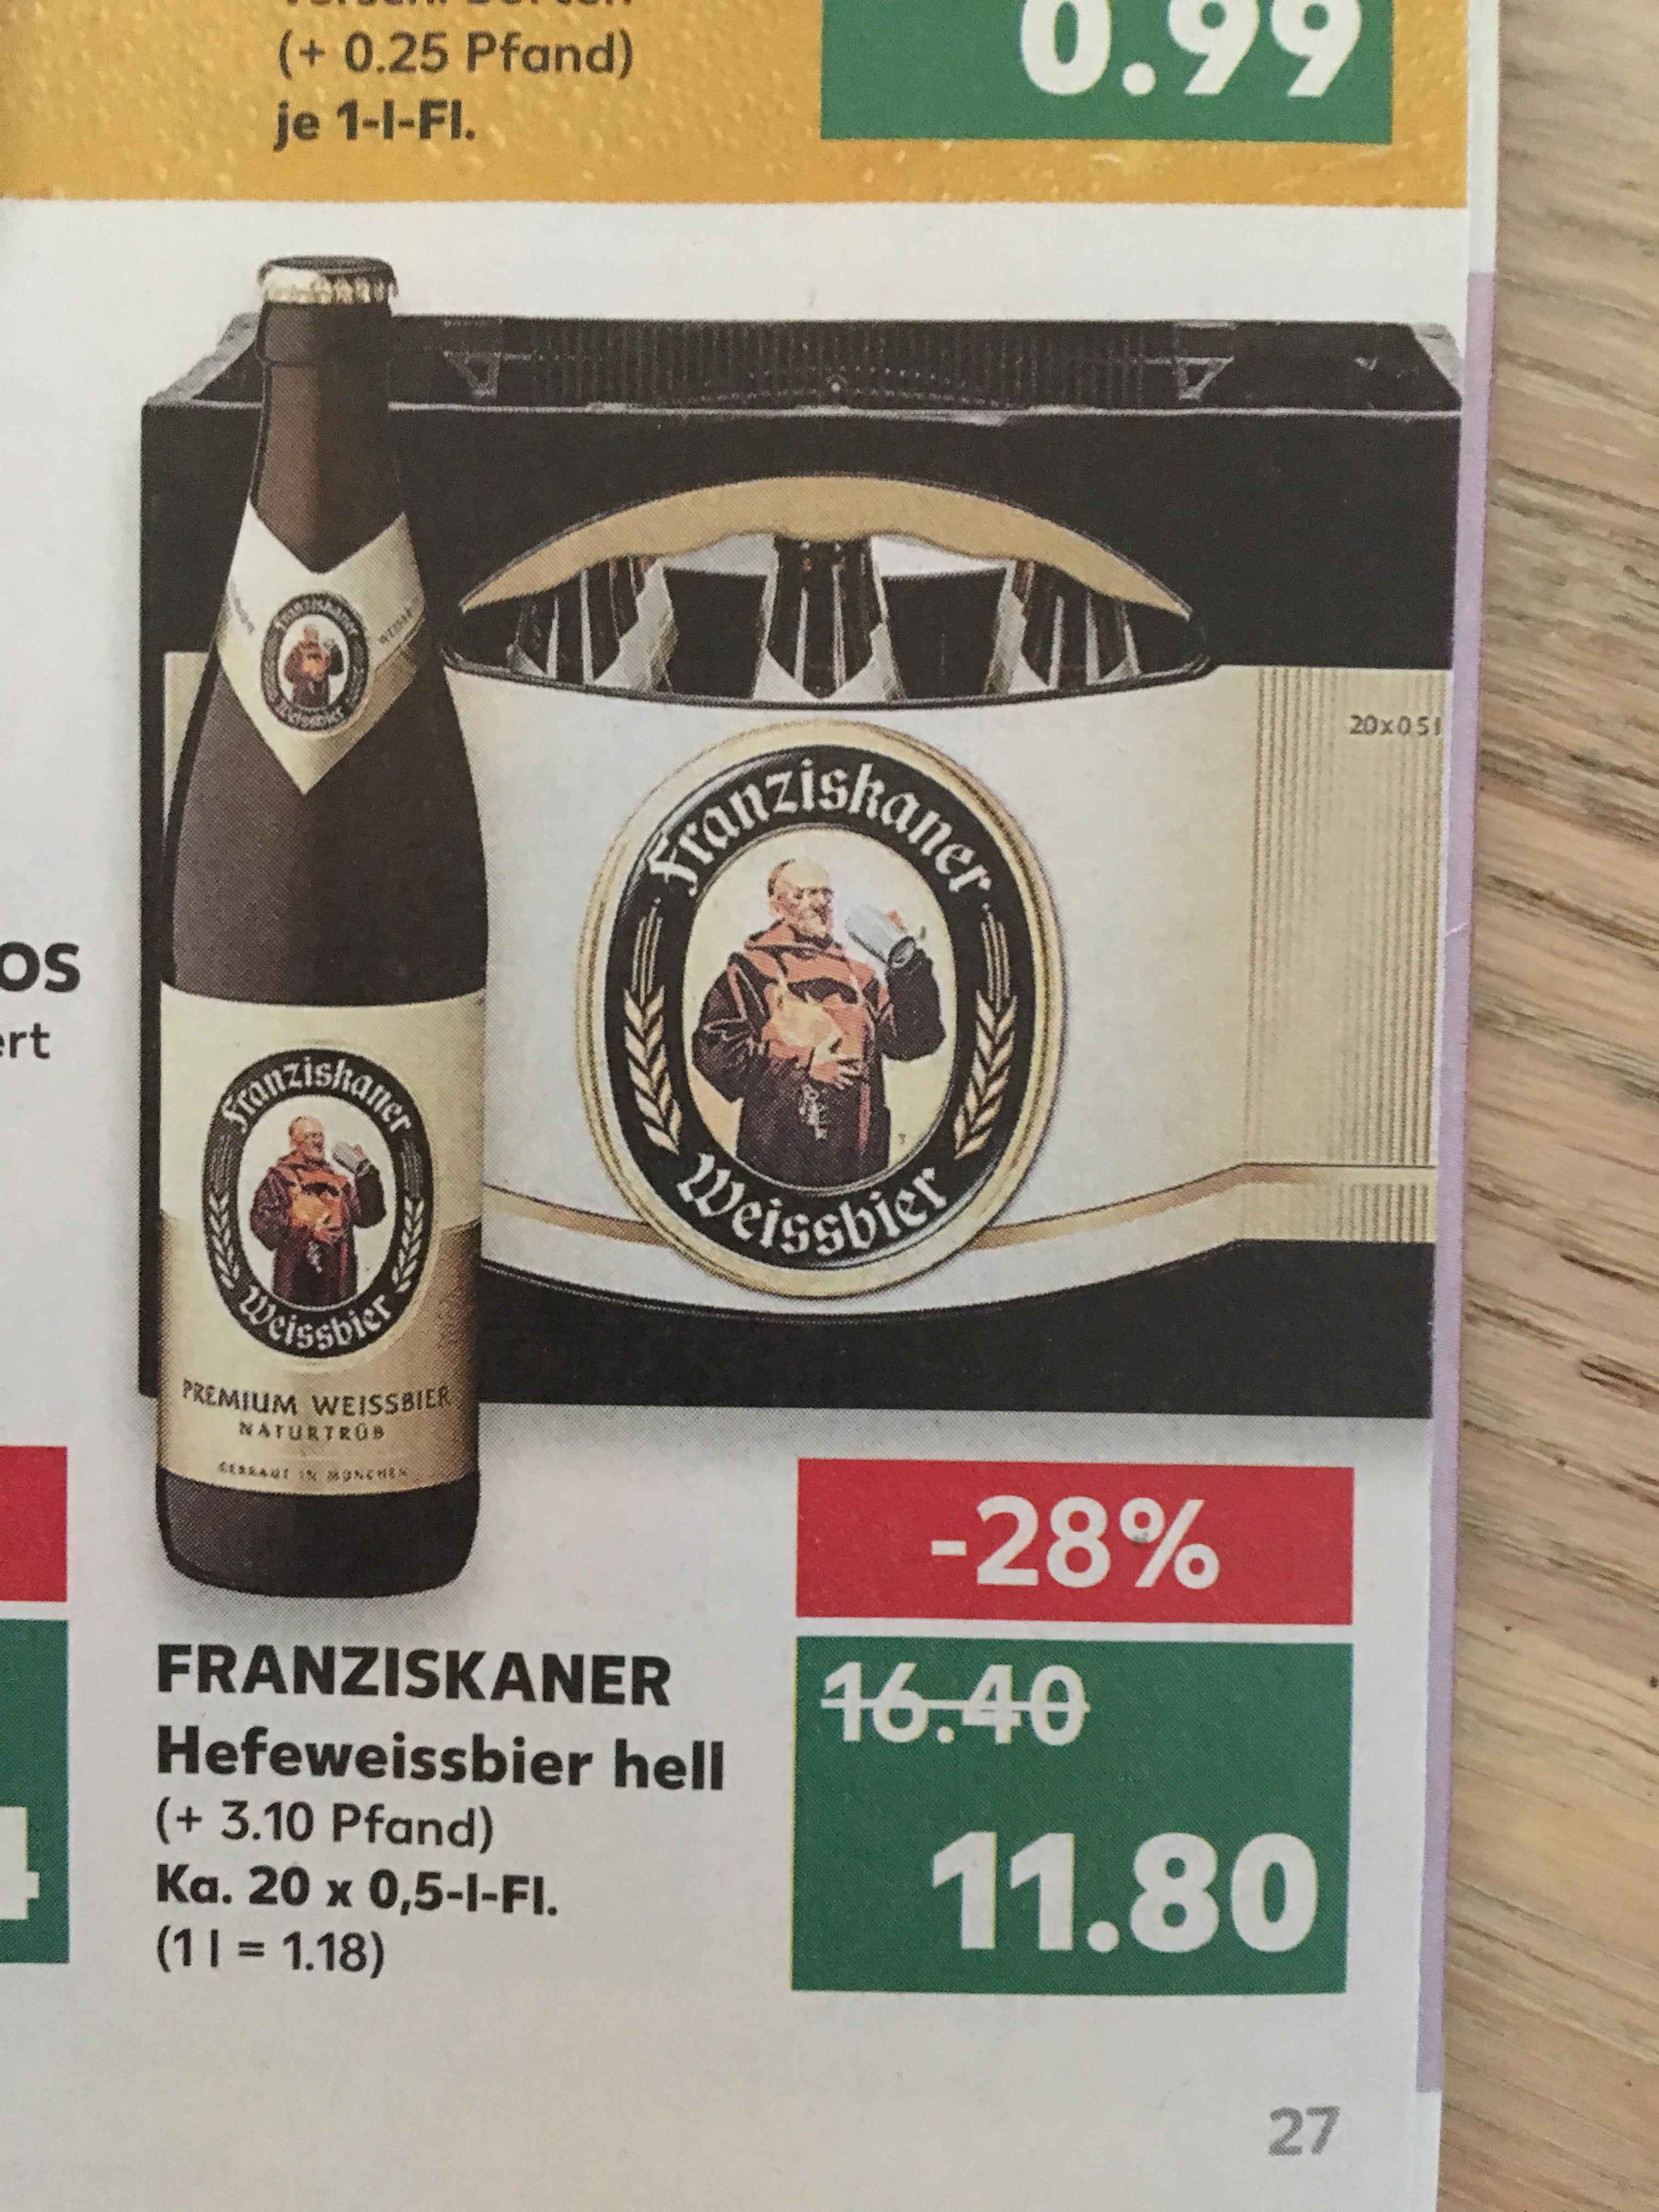 Kaufland Franziskaner Hefeweissbier hell 11,80€ Lokal?